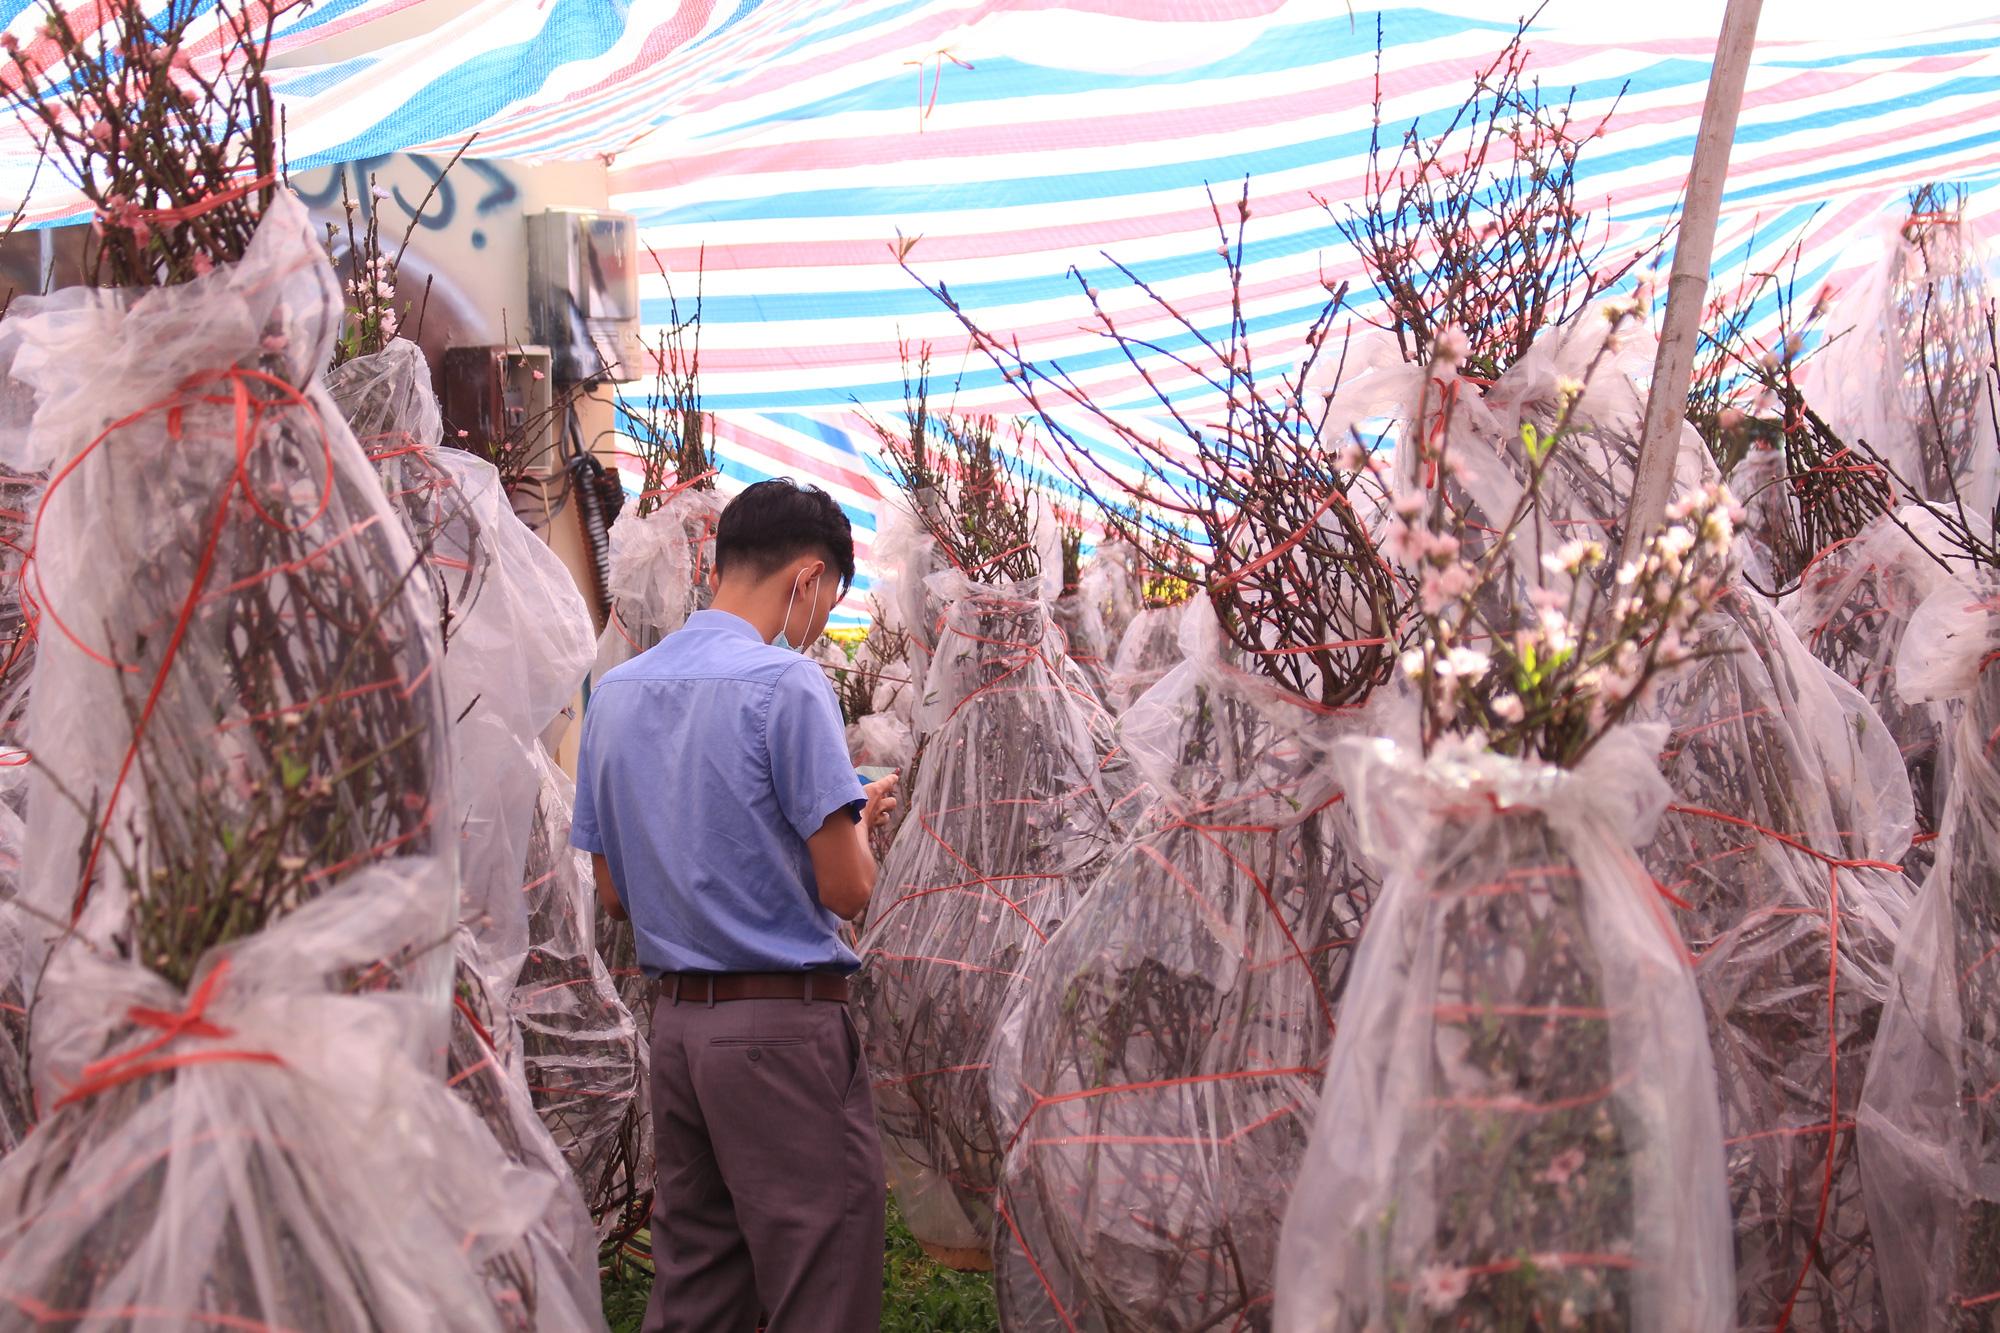 28 Tết, đào Nhật Tân tại chợ hoa Sài Gòn bắt đầu giảm giá, thuận mua vừa bán nên hút khách - Ảnh 6.